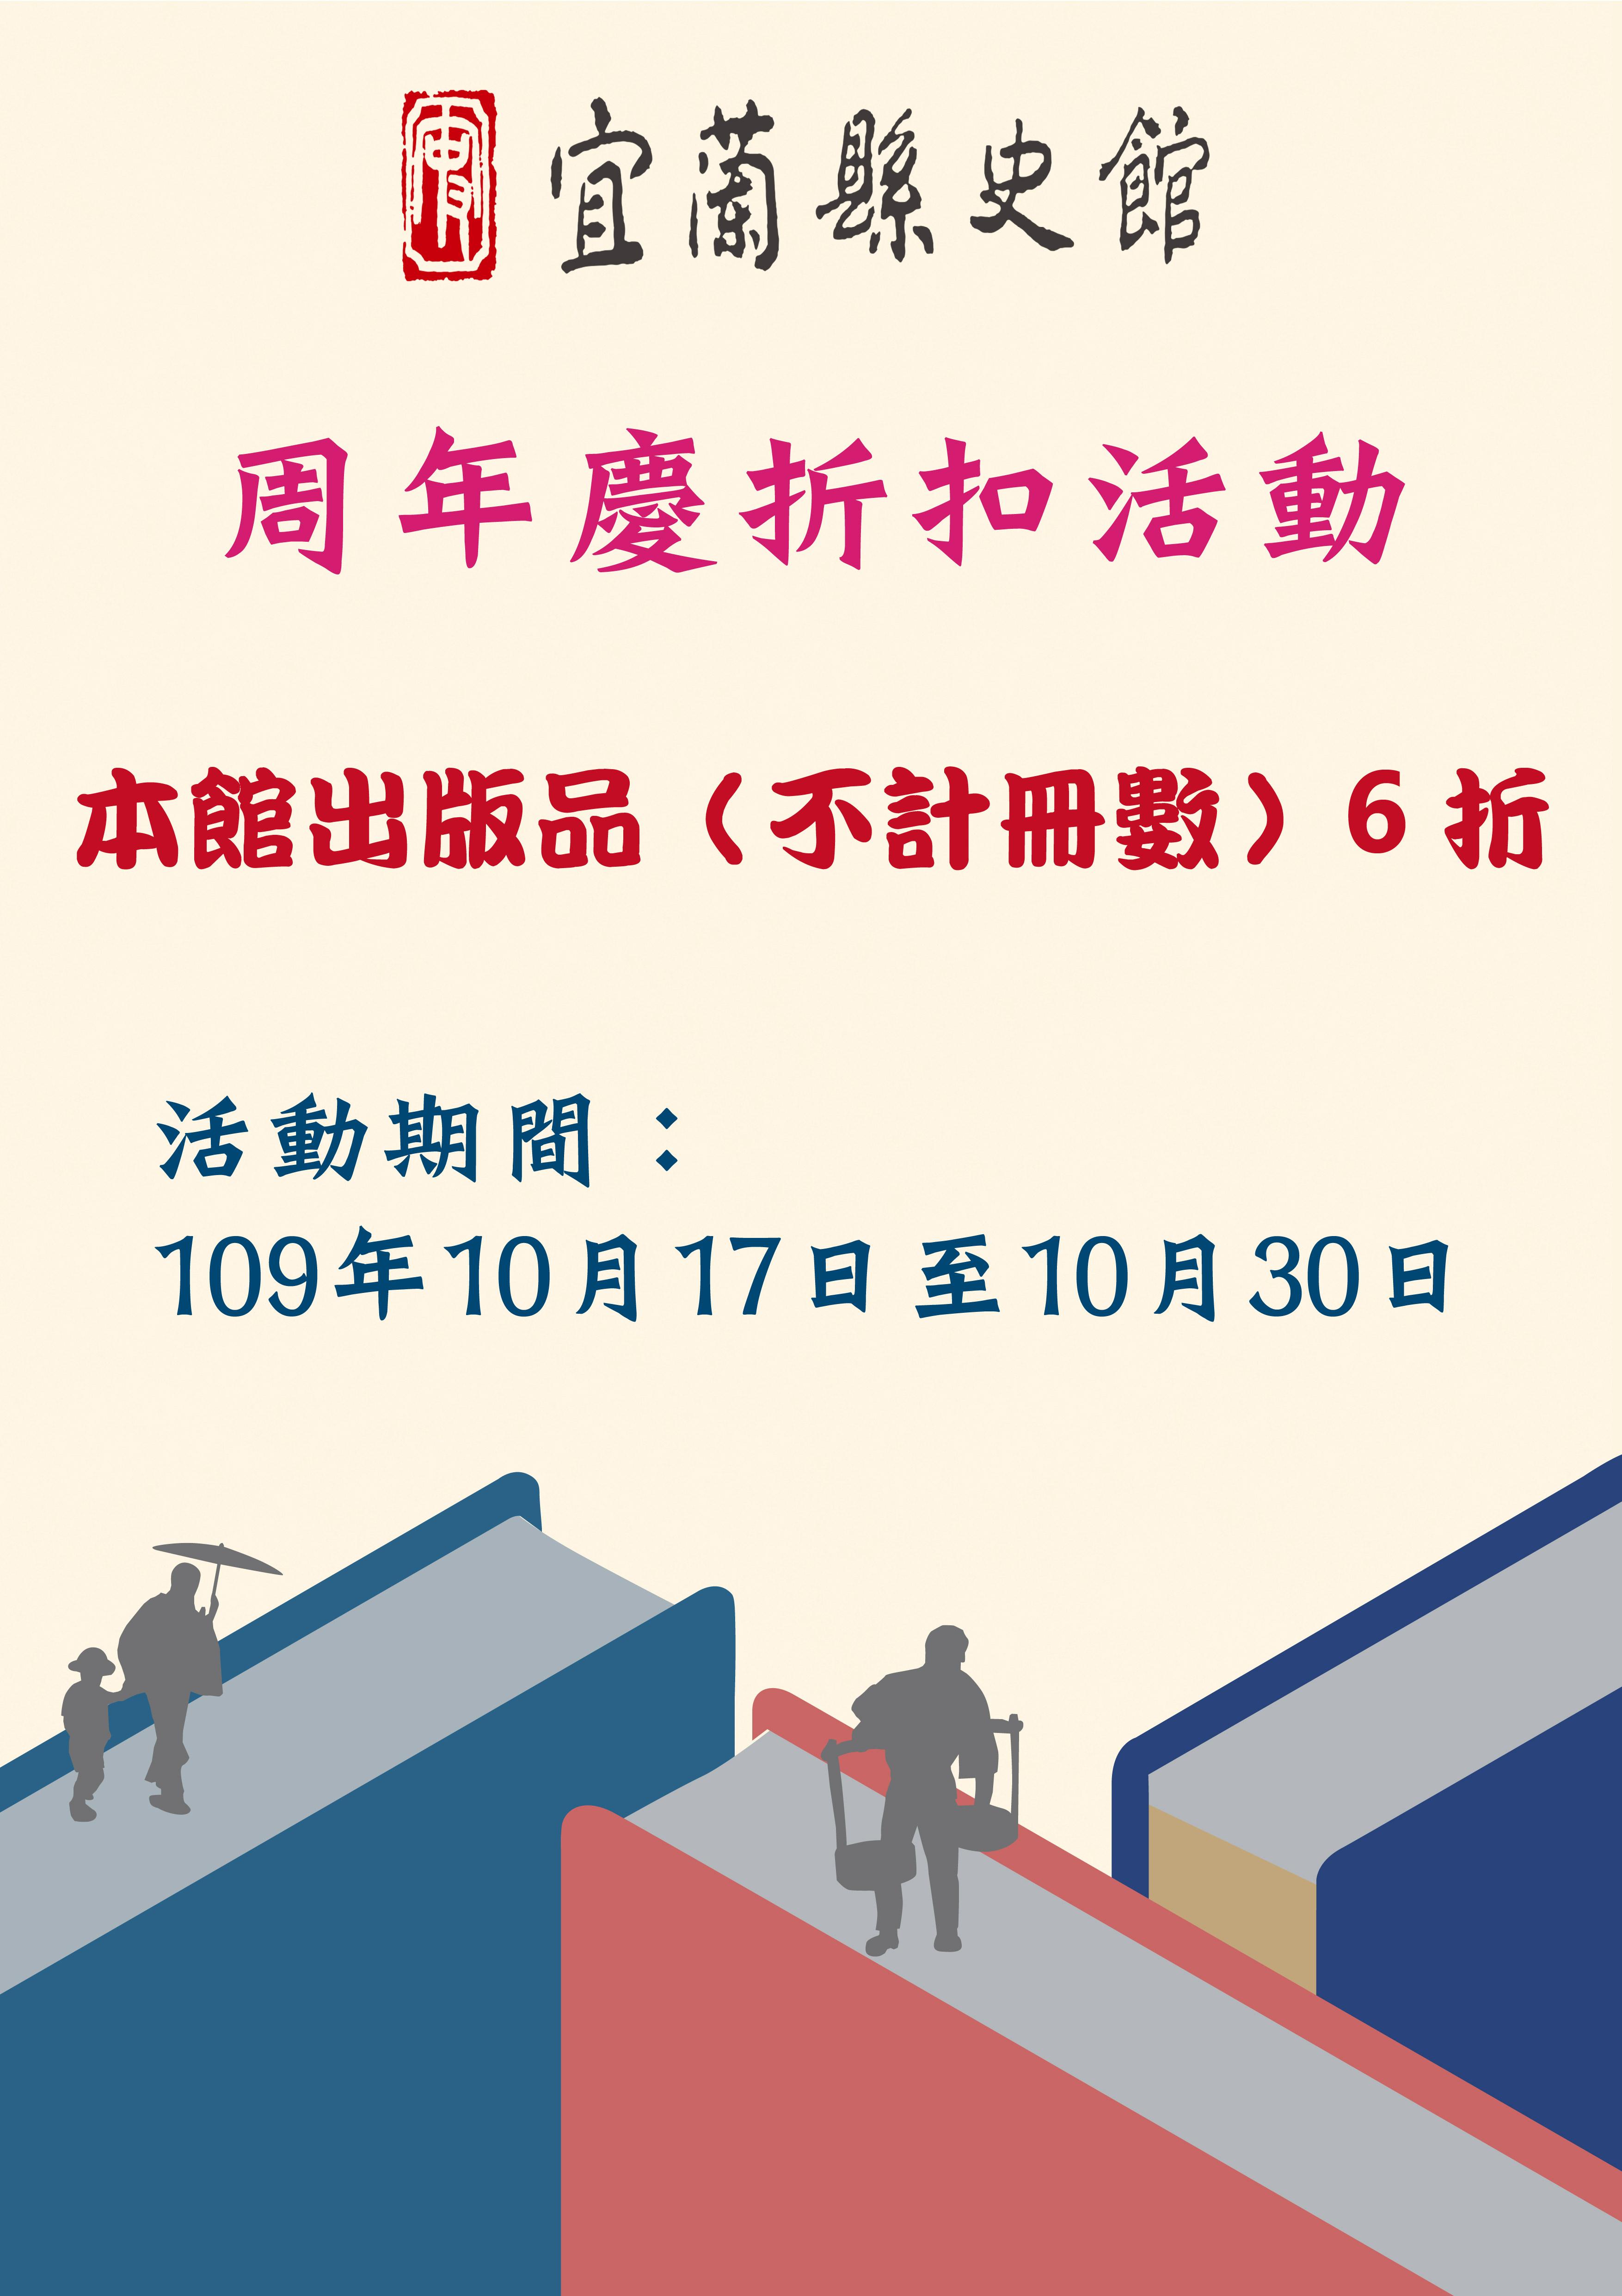 周年慶折扣活動宣傳海報